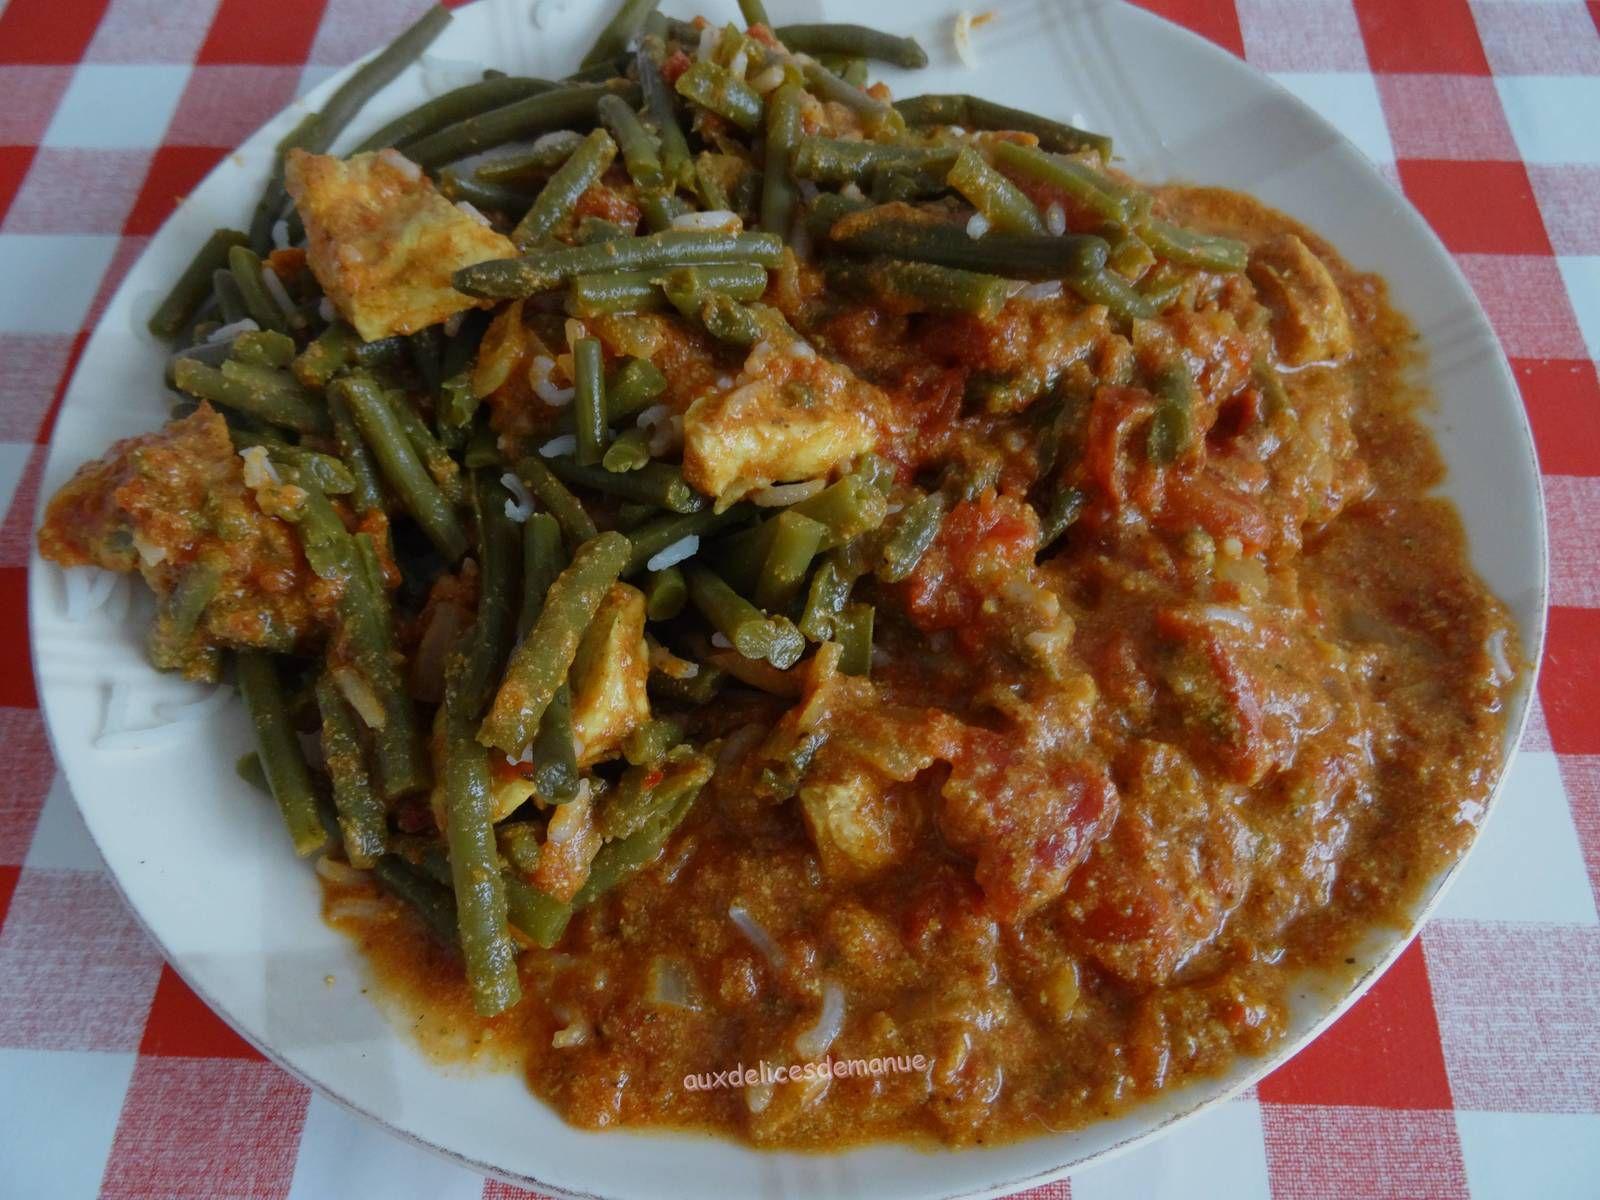 Poulet et haricots verts au mélange Tandoori